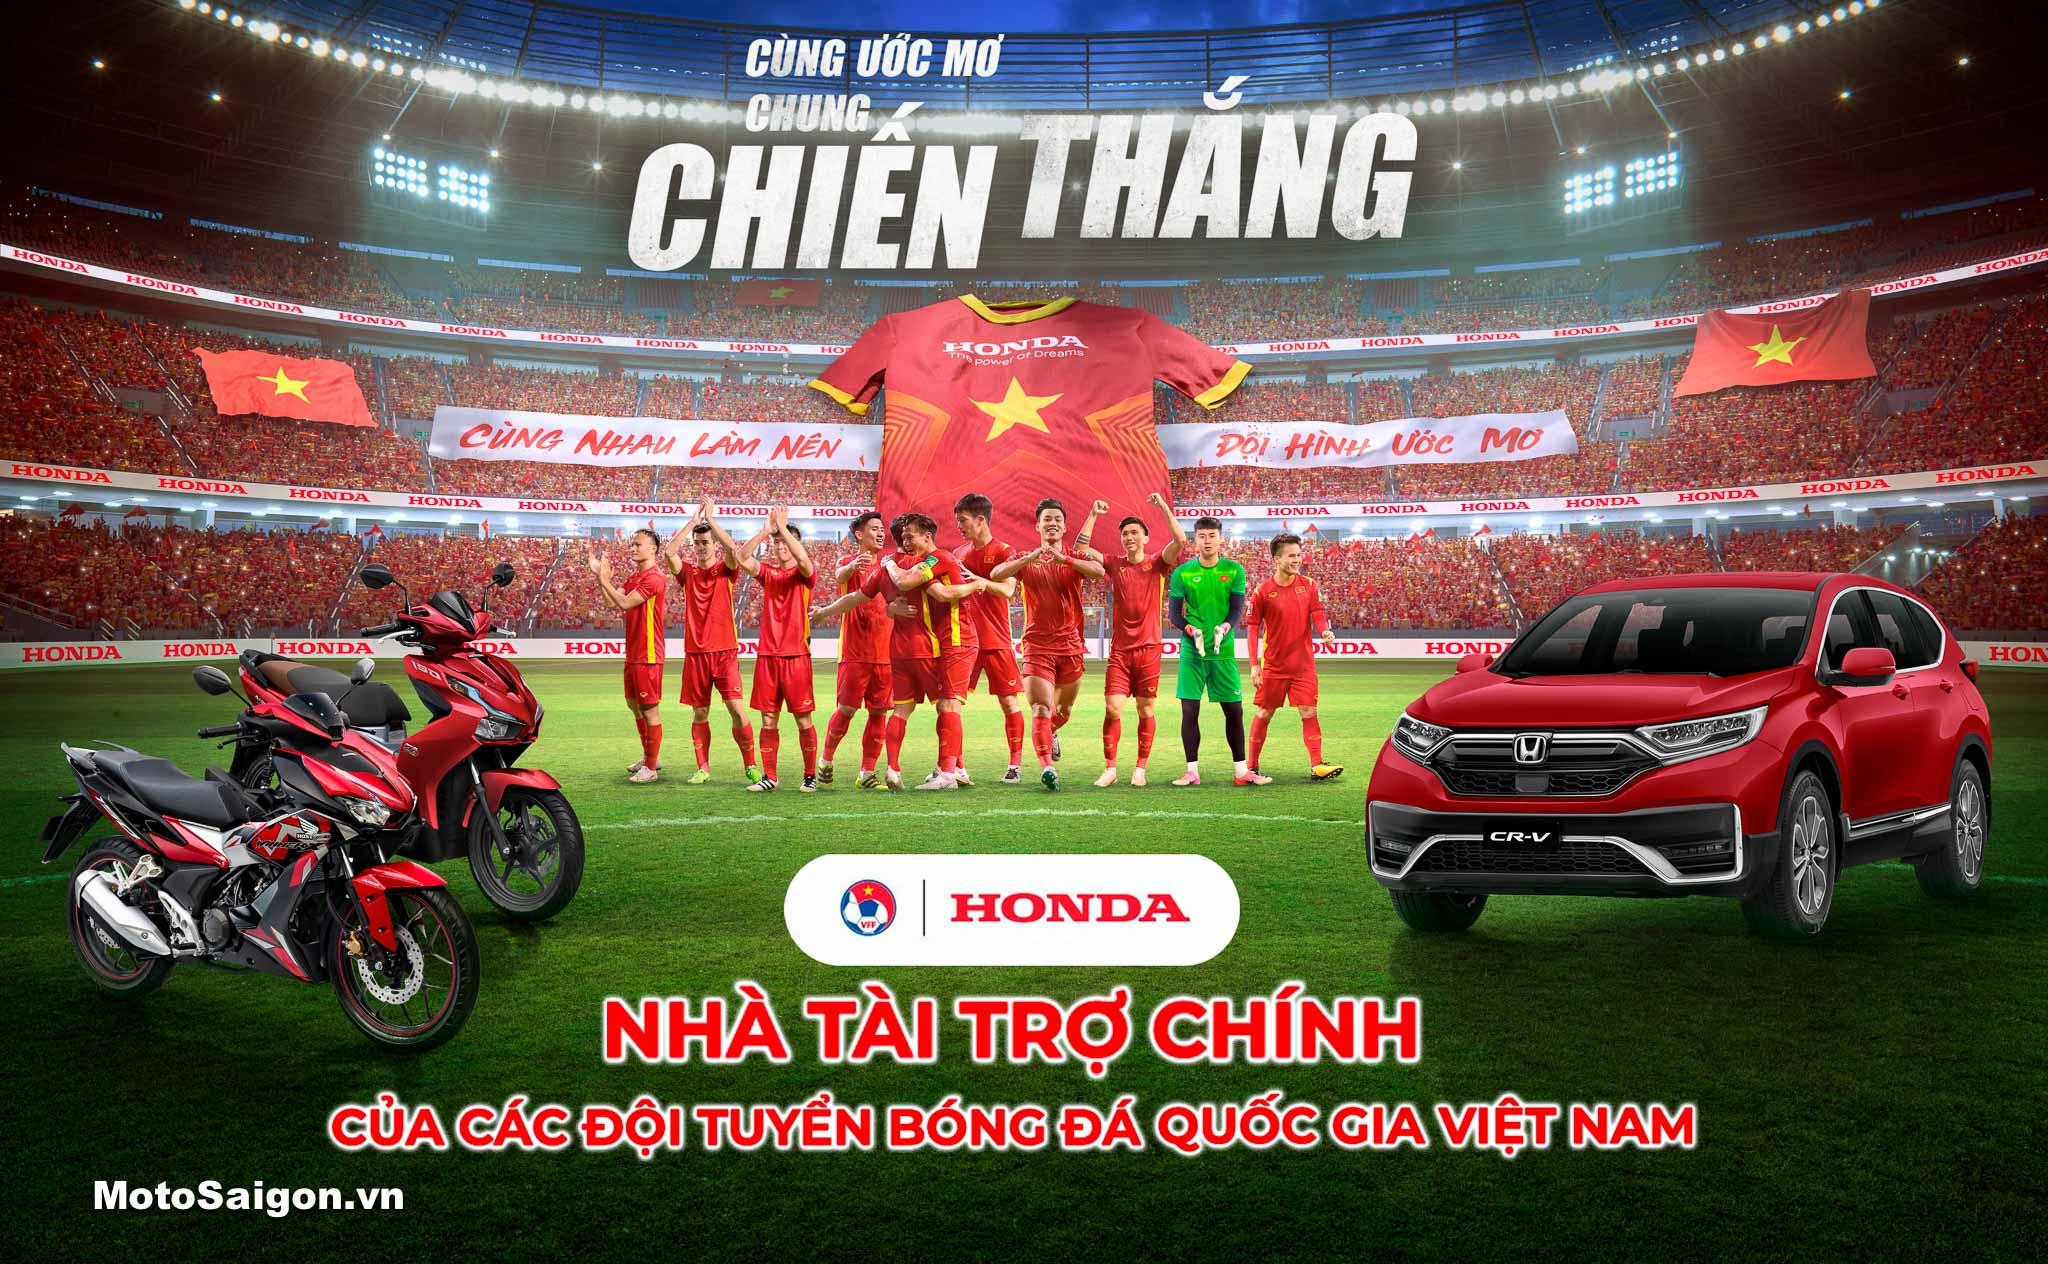 HVN tiếp tục là nhà tài trợ chính các đội tuyển bóng đá quốc gia Việt Nam